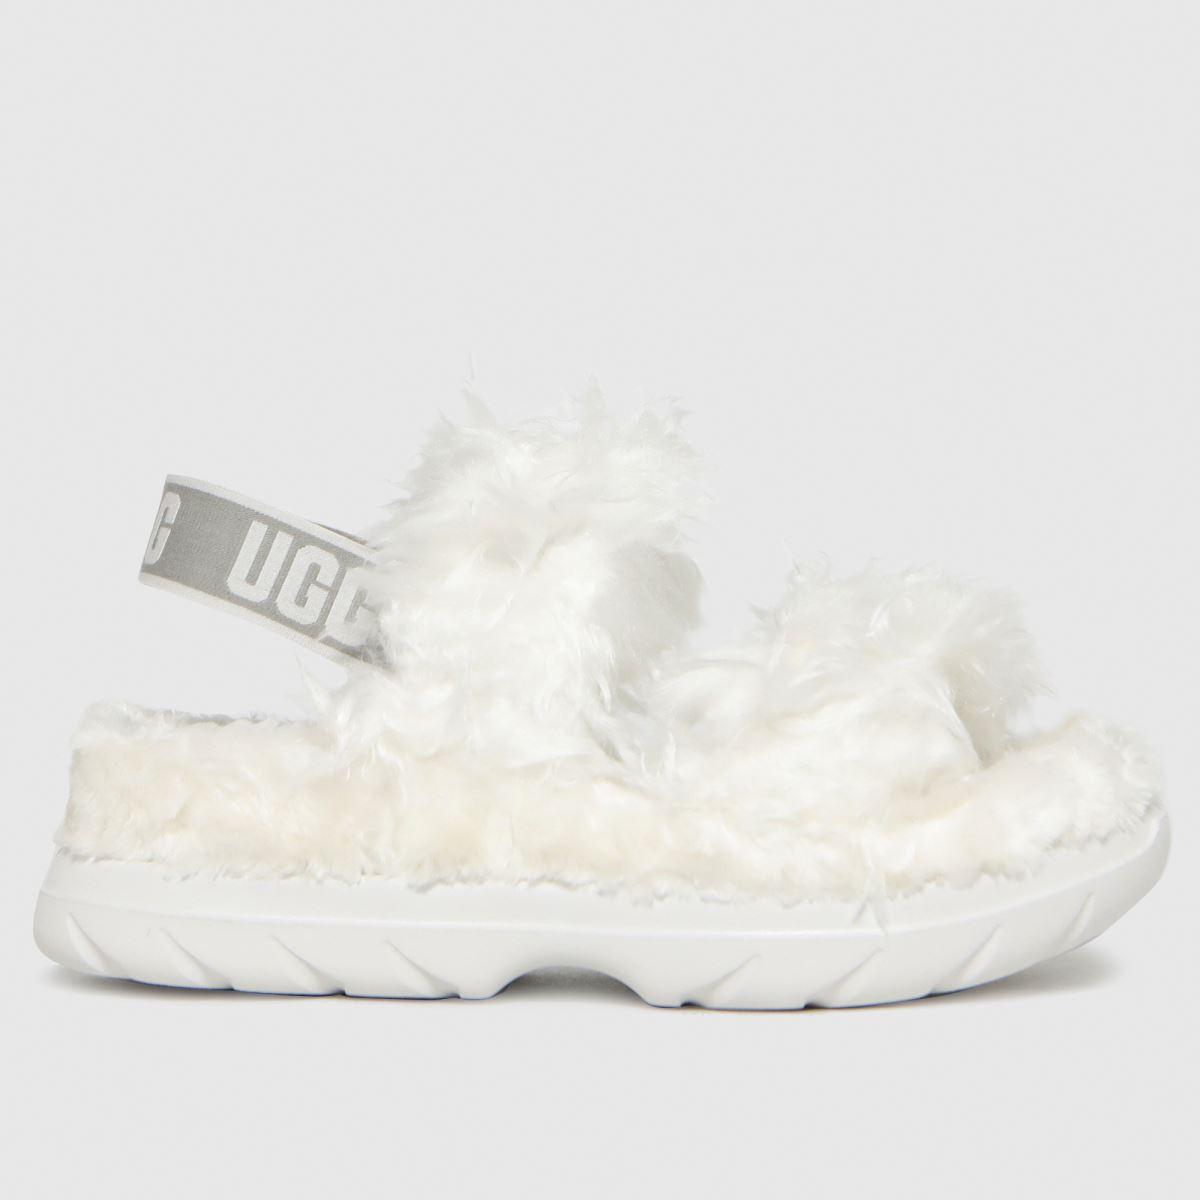 UGG White Fluff Sugar Sandal Slippers